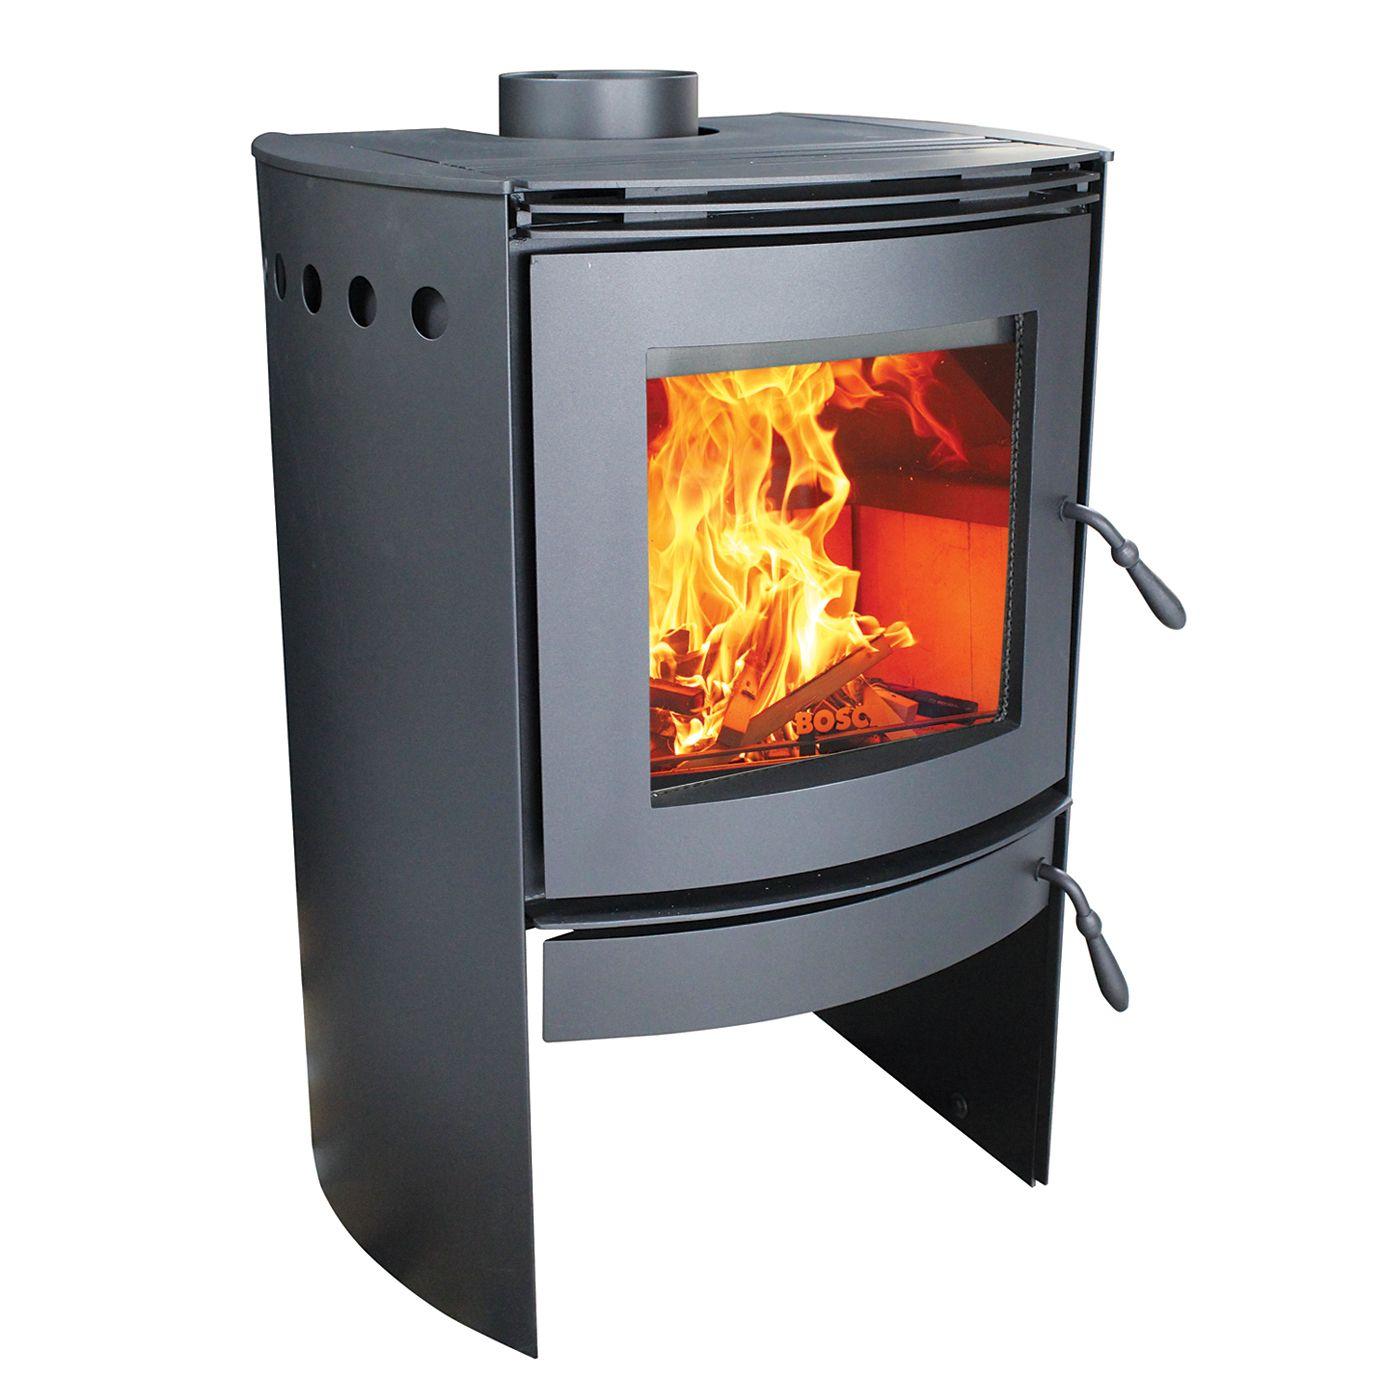 Bosca 550 Wood Burning Stove Wood Burning Fireplace Inserts